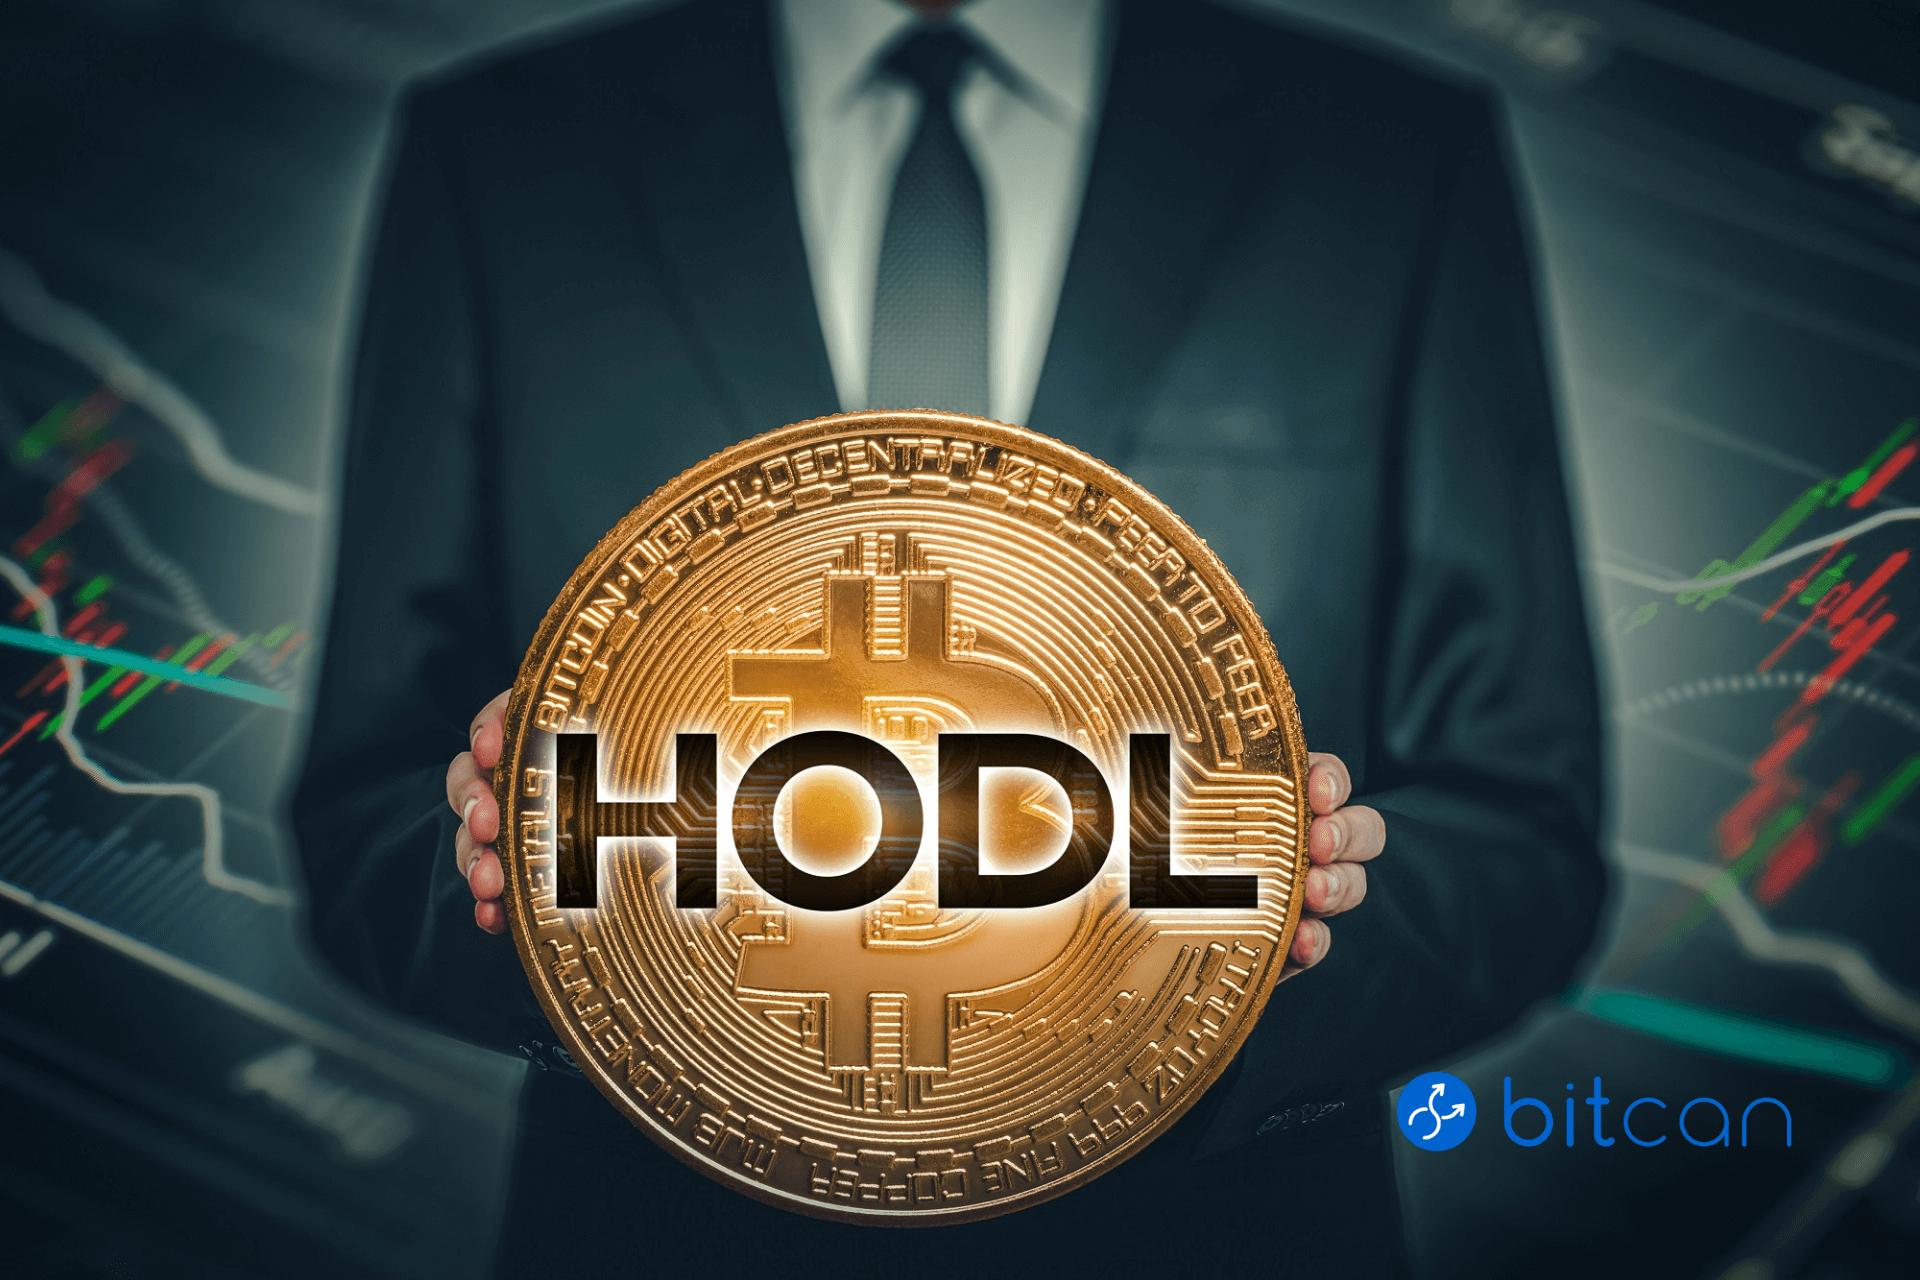 HODL, czyli HOLD. Co oznacza popularne trzymaj na rynku bitcoina